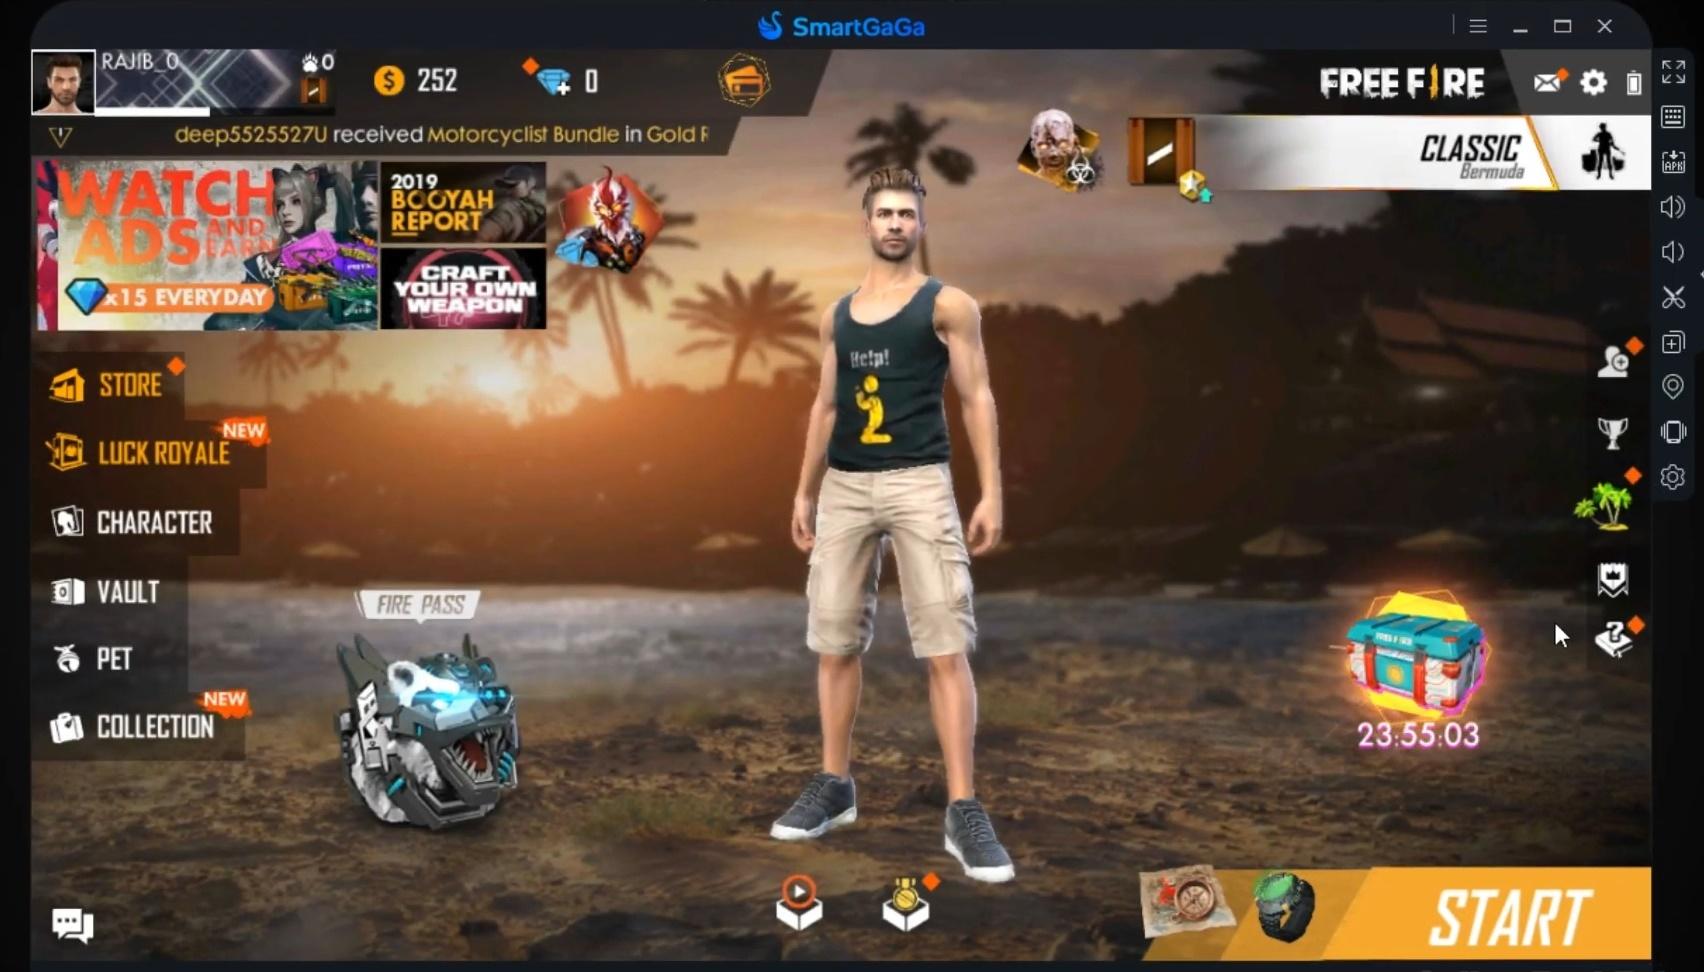 smartgaga gameplay